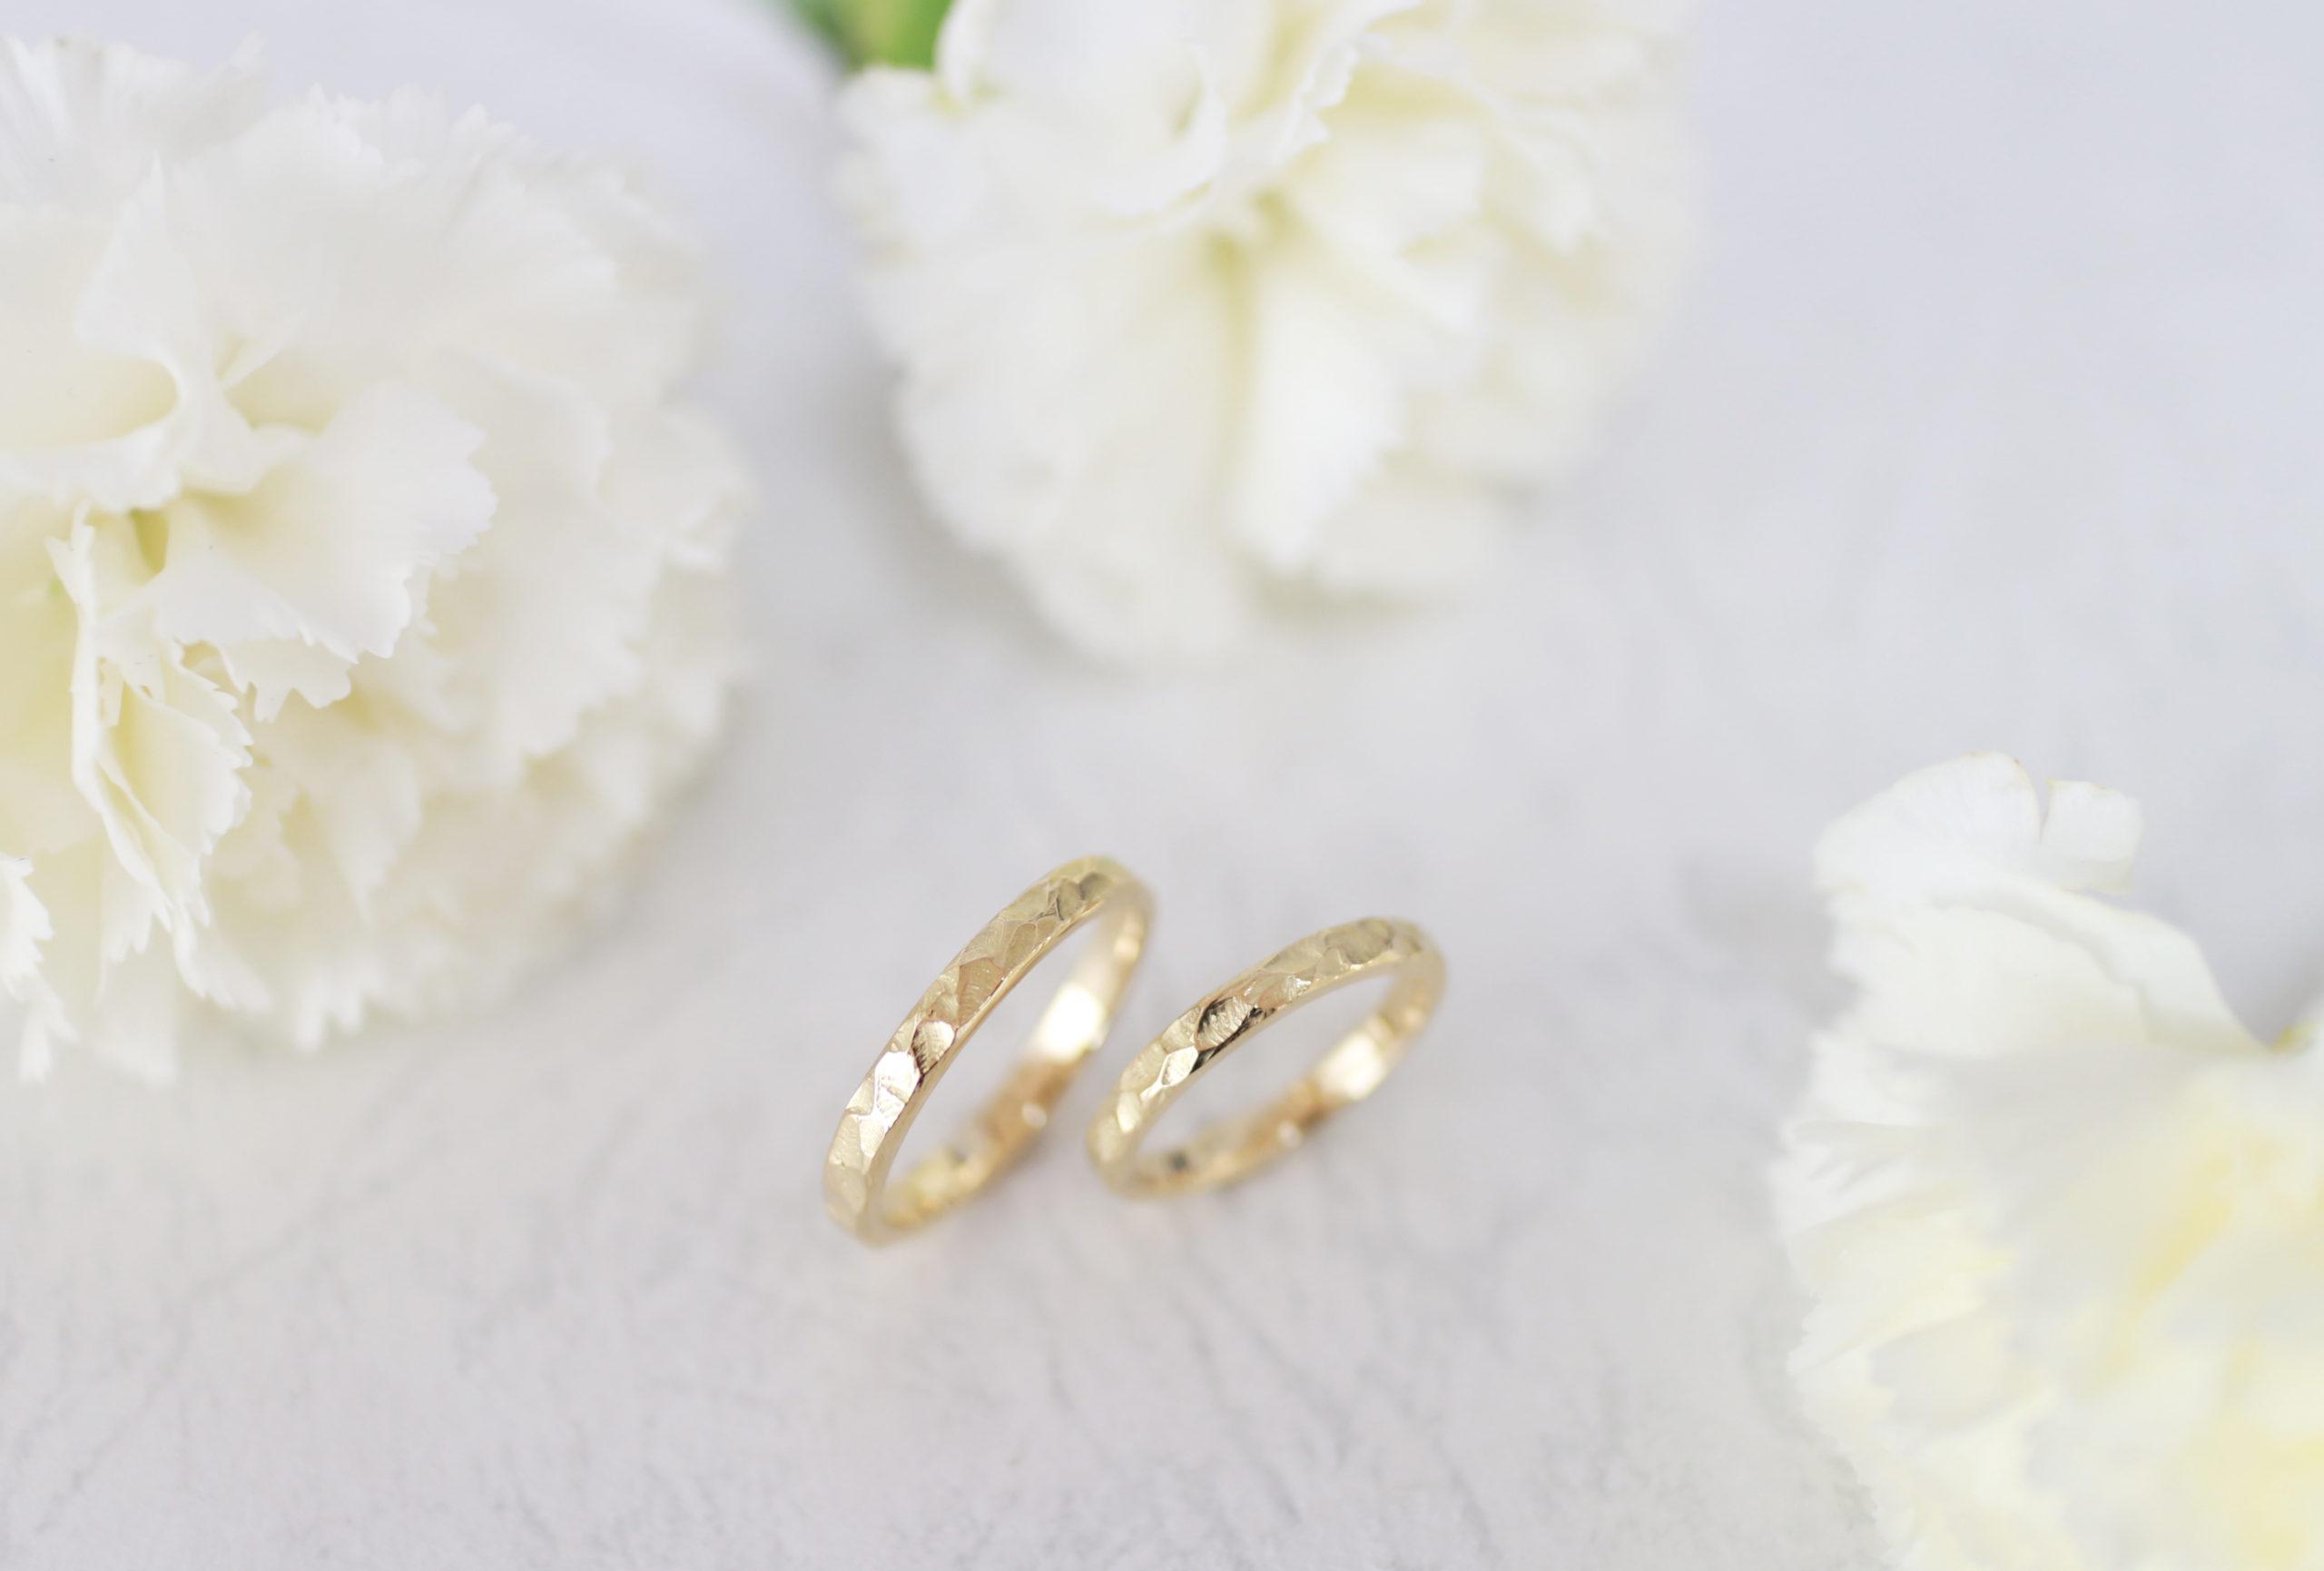 ワックスから手作りした結婚指輪